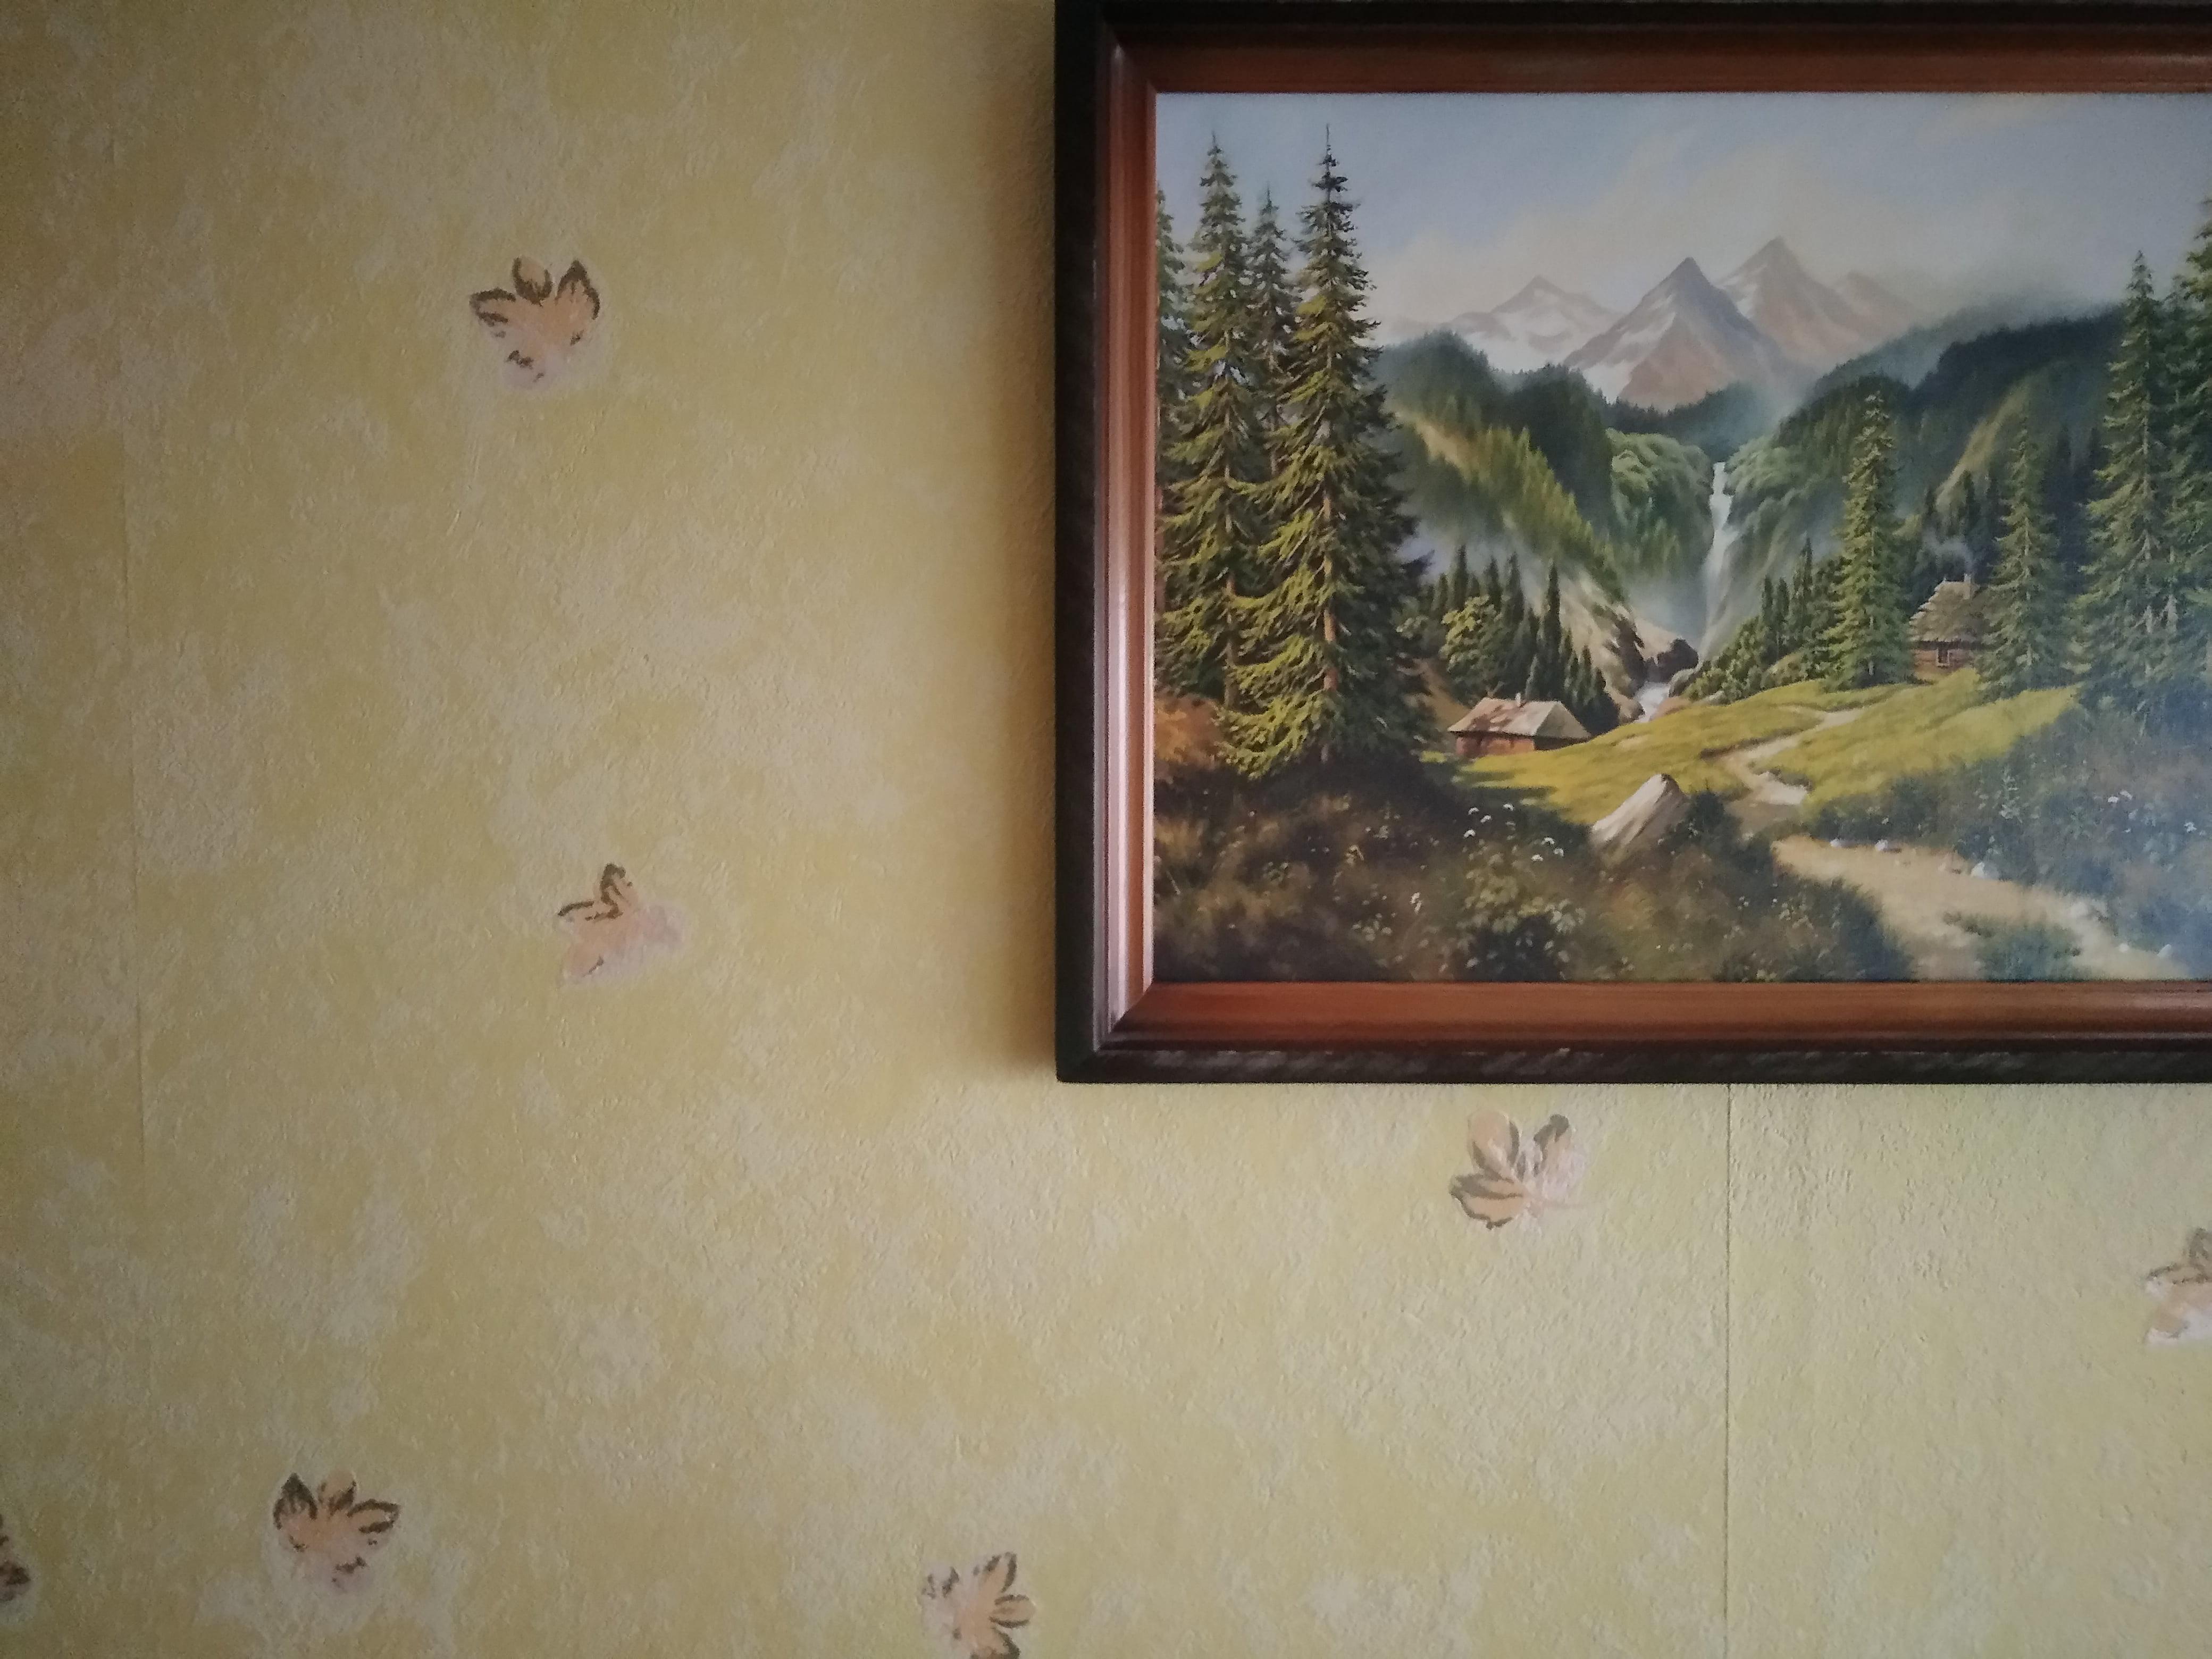 Zdjęcia w pomieszczeniu - Archos Diamond Alpha